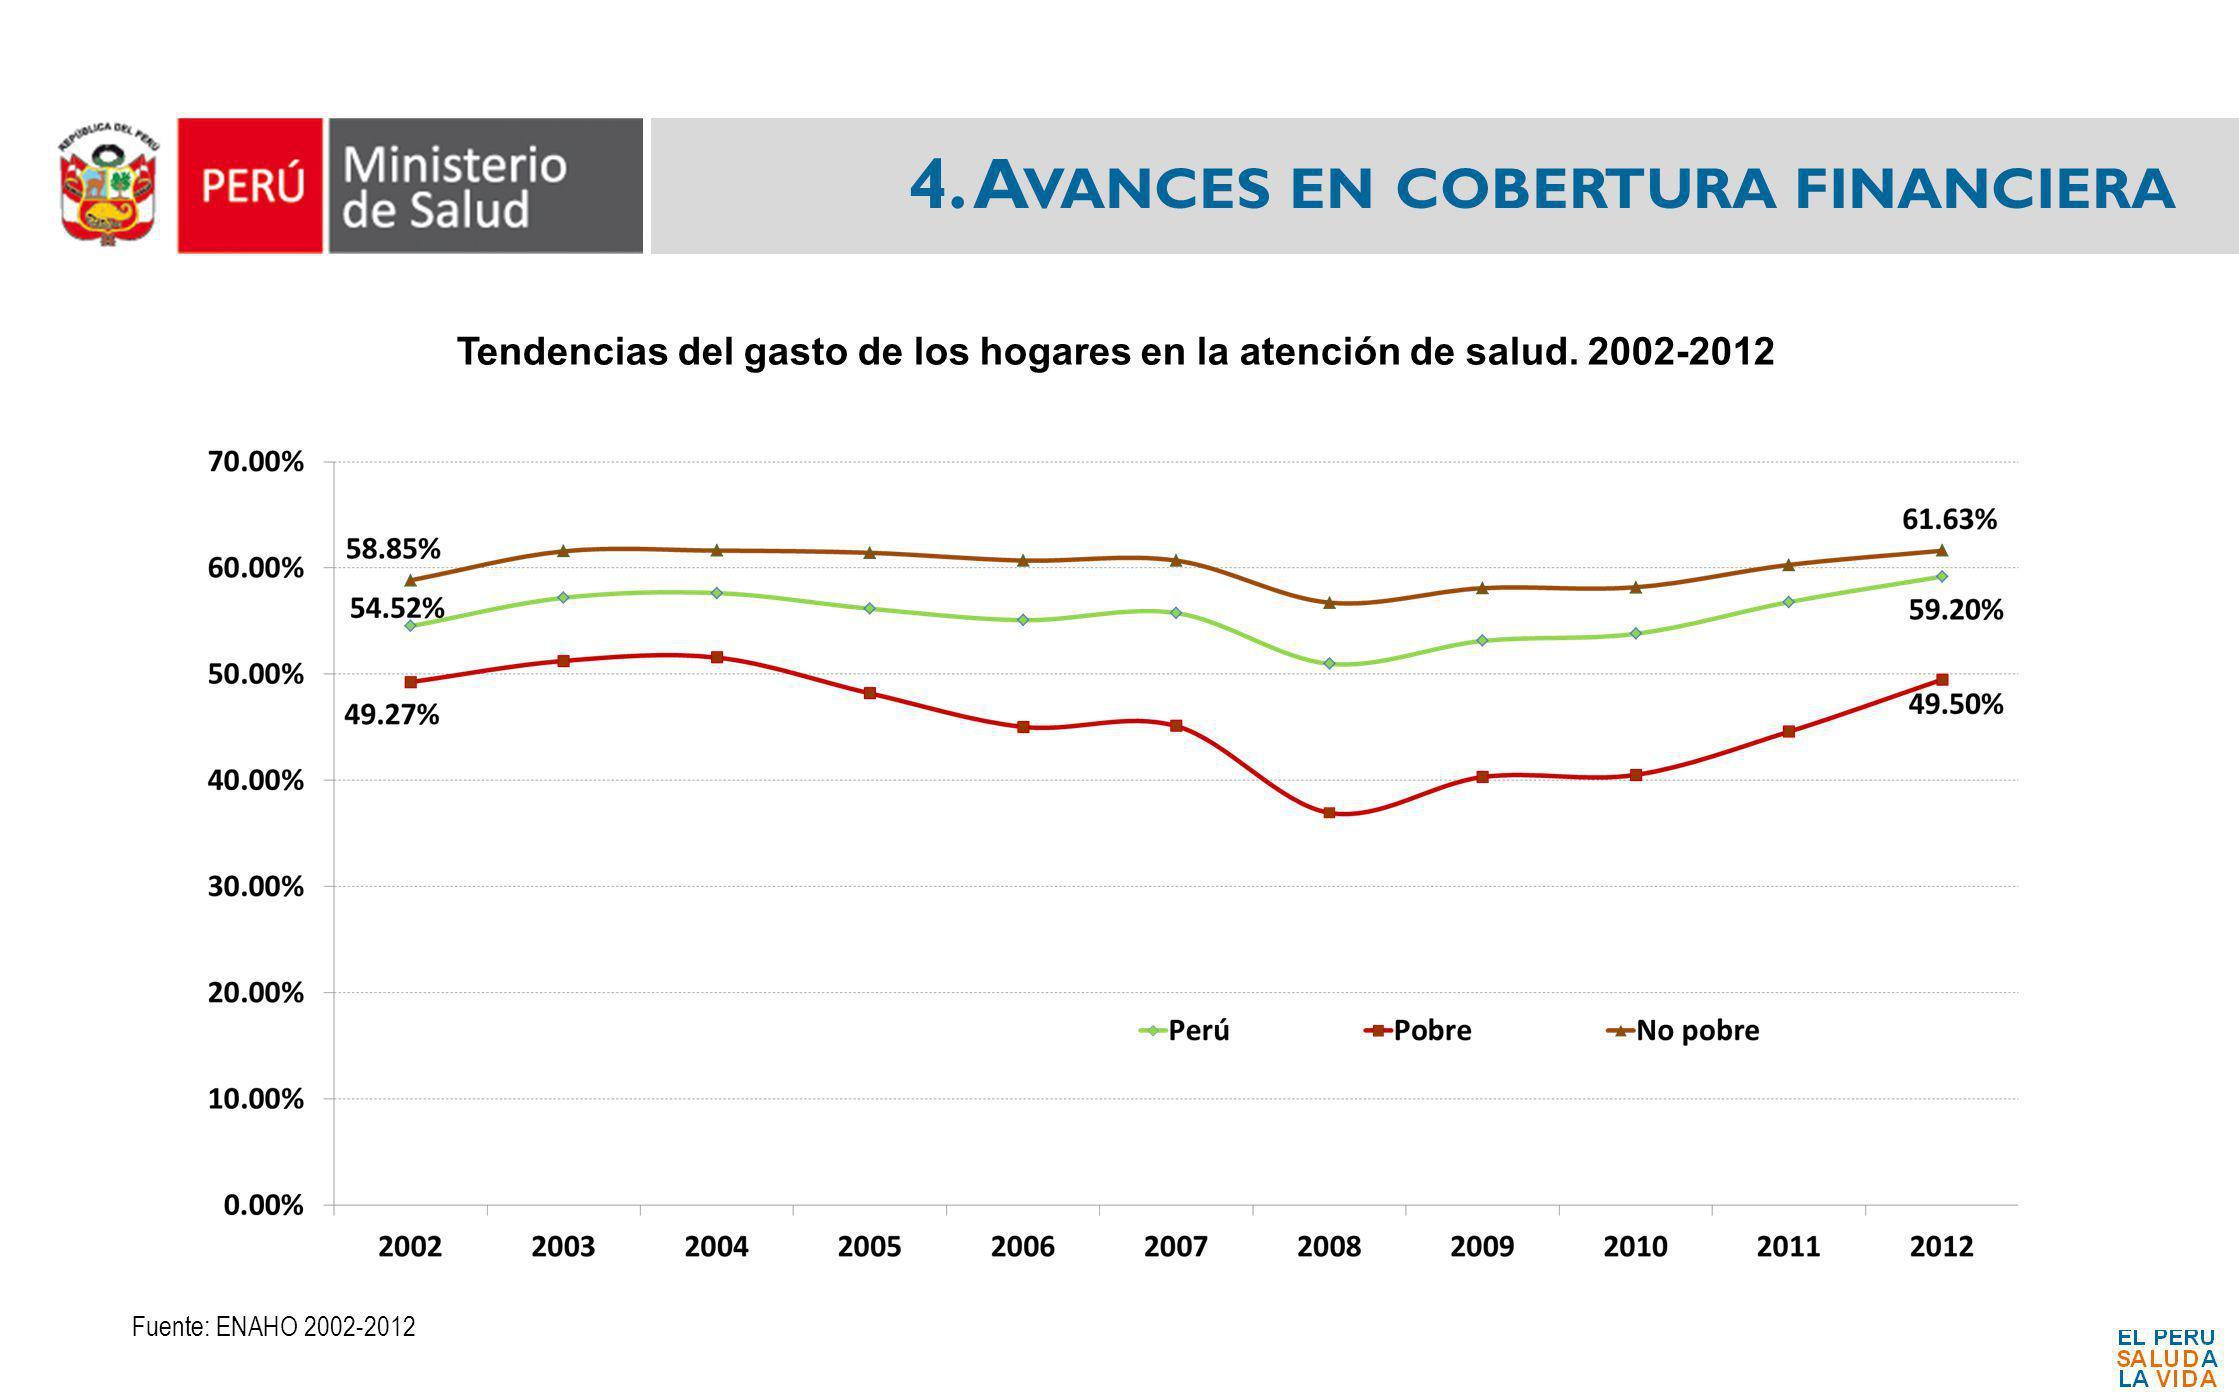 4. A VANCES EN COBERTURA FINANCIERA Tendencias del gasto de los hogares en la atención de salud. 2002-2012 Fuente: ENAHO 2002-2012